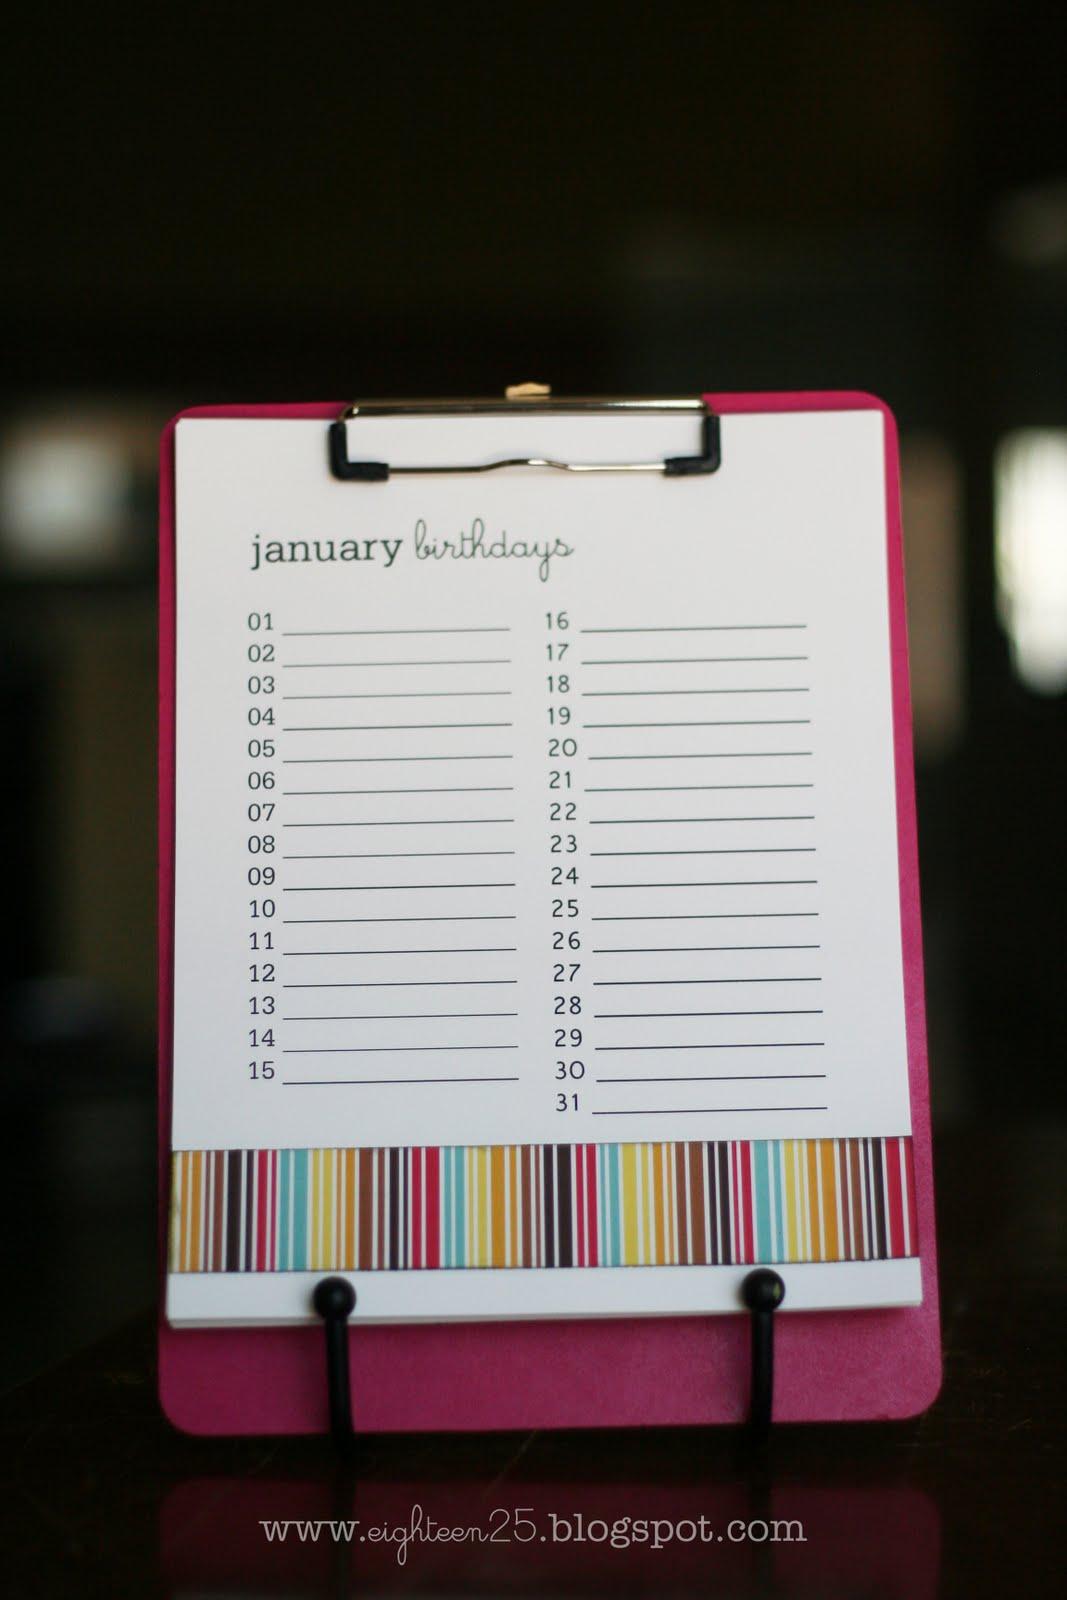 birthday reminder clipboard  birthday reminder clipboard